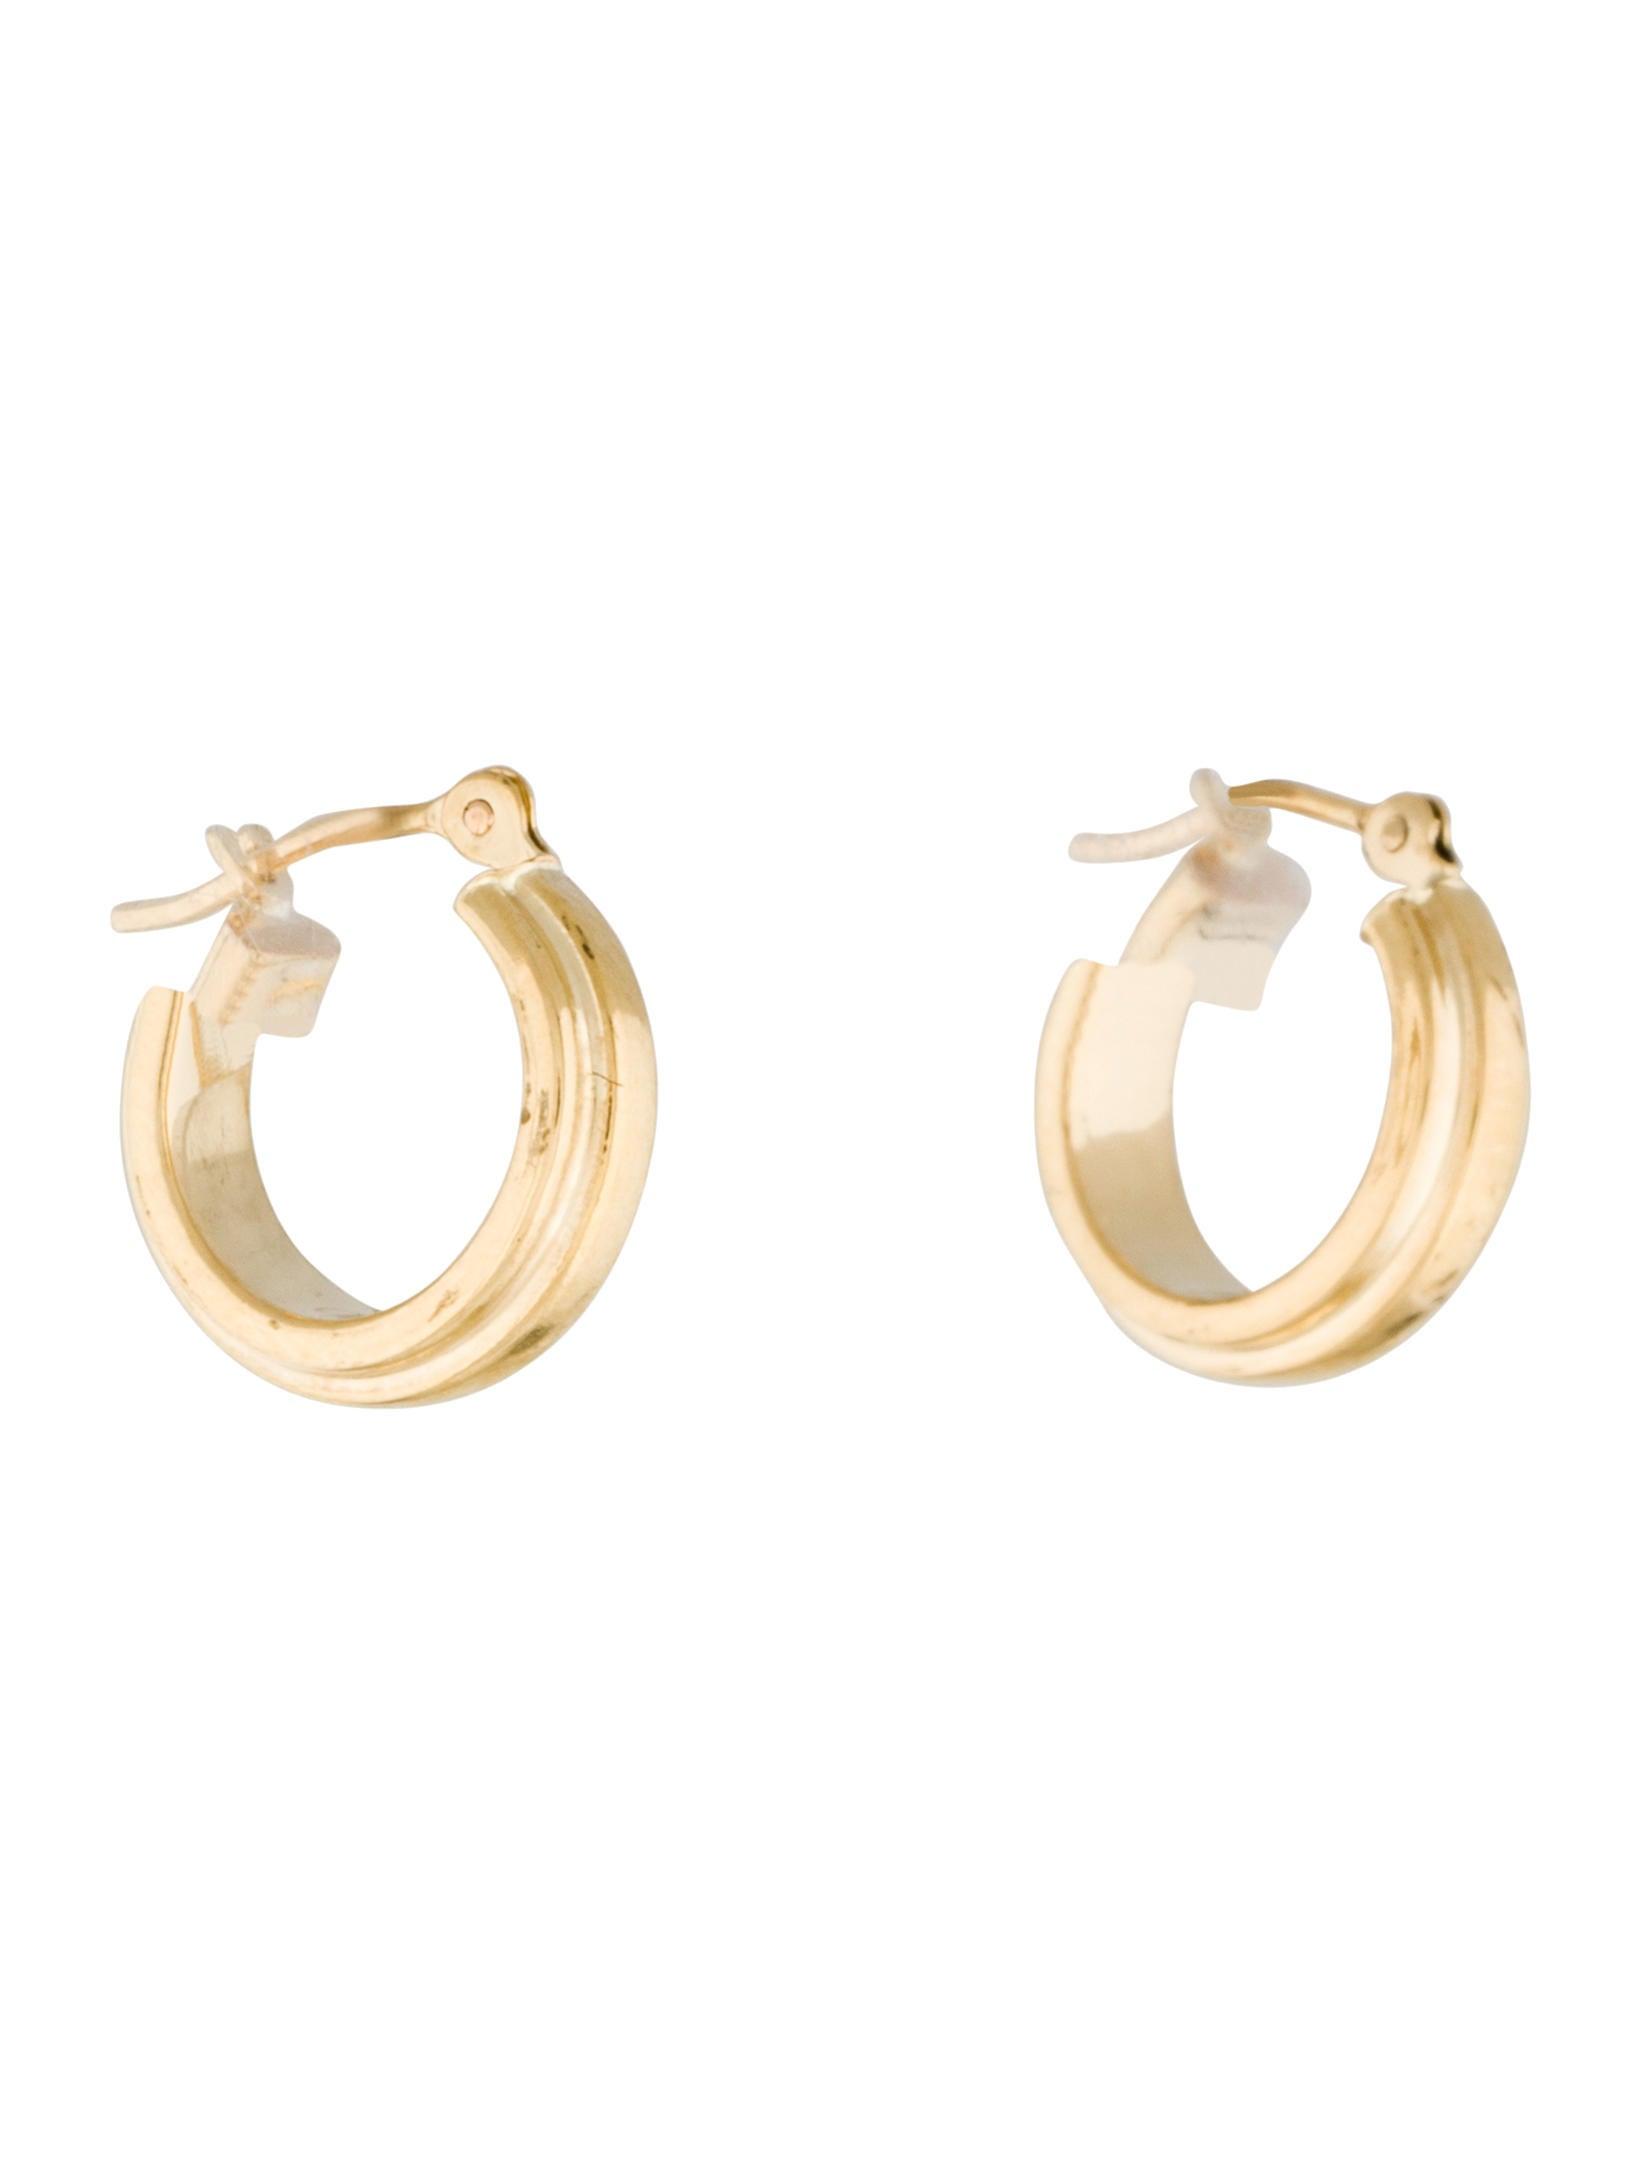 18k huggie earrings earrings earri25990 the realreal